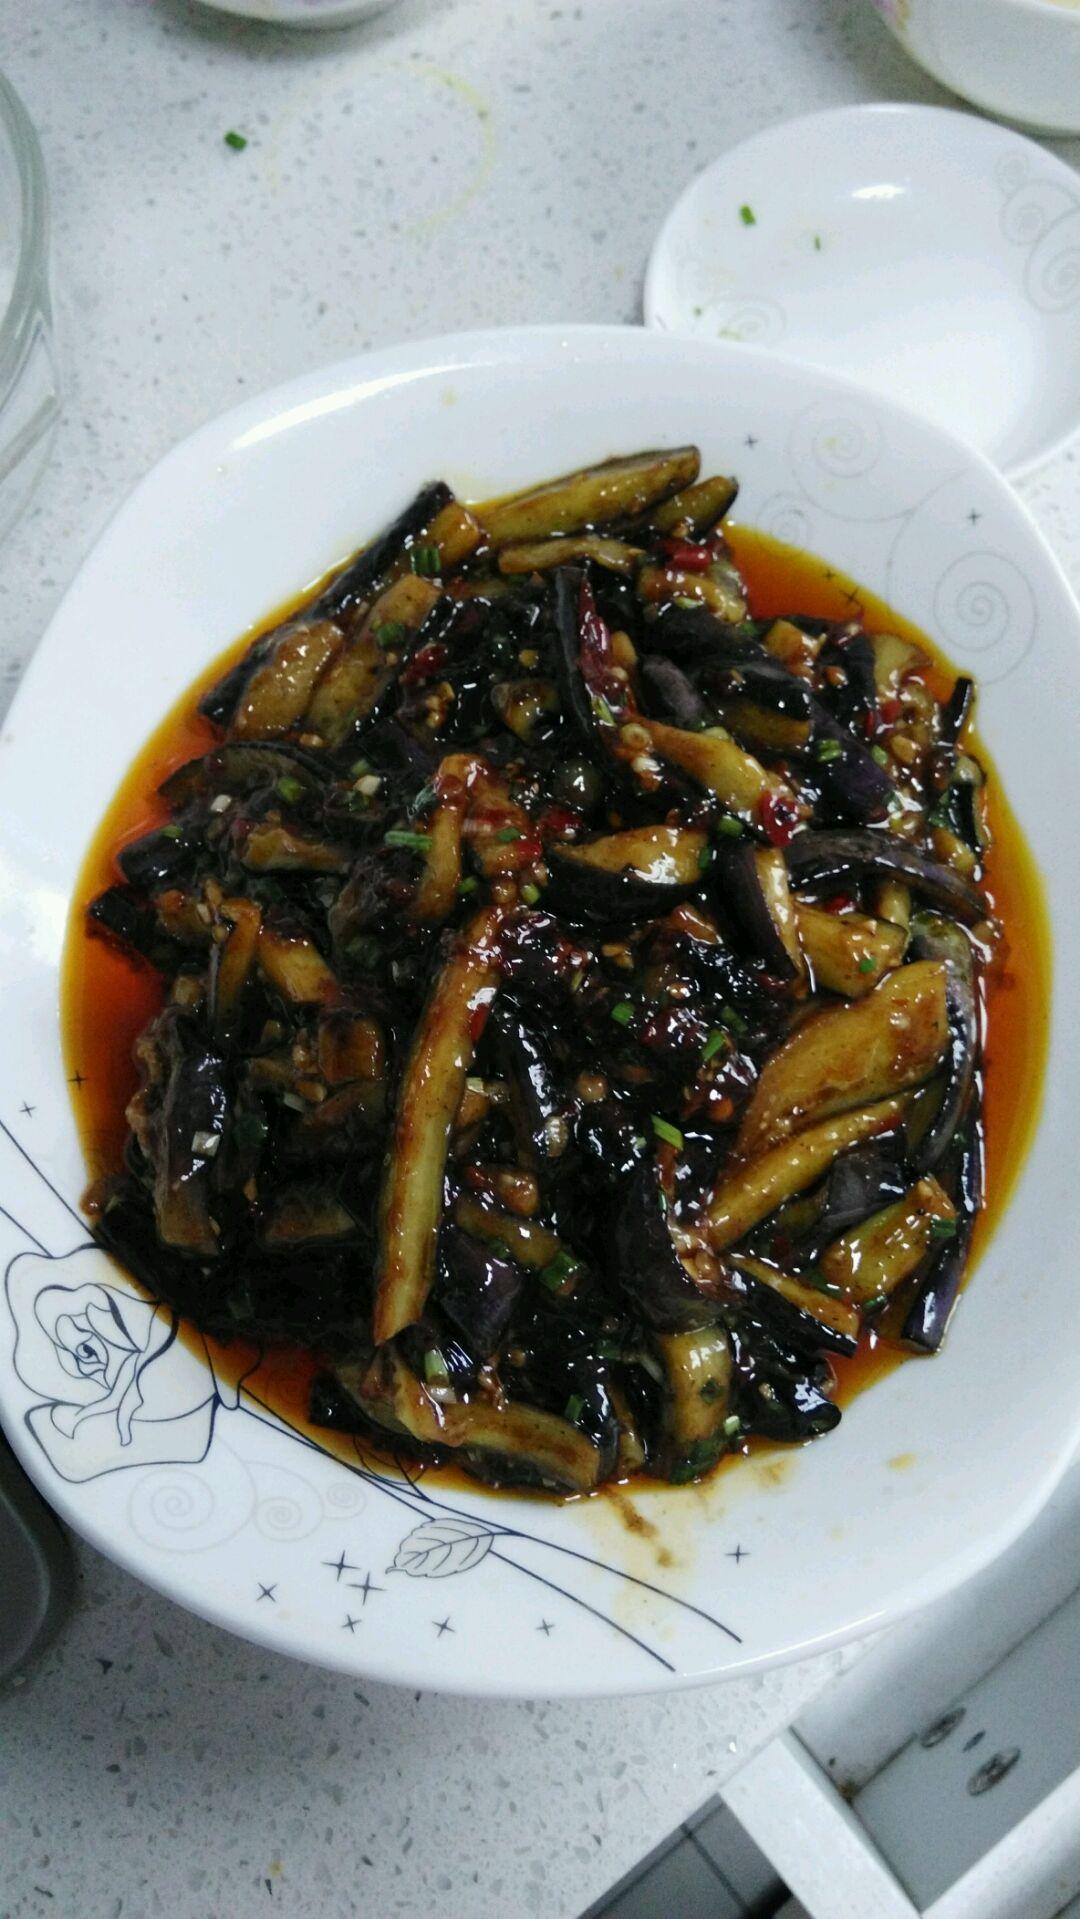 油淋茄子的做法_【图解】油淋茄子怎么做如何做好吃